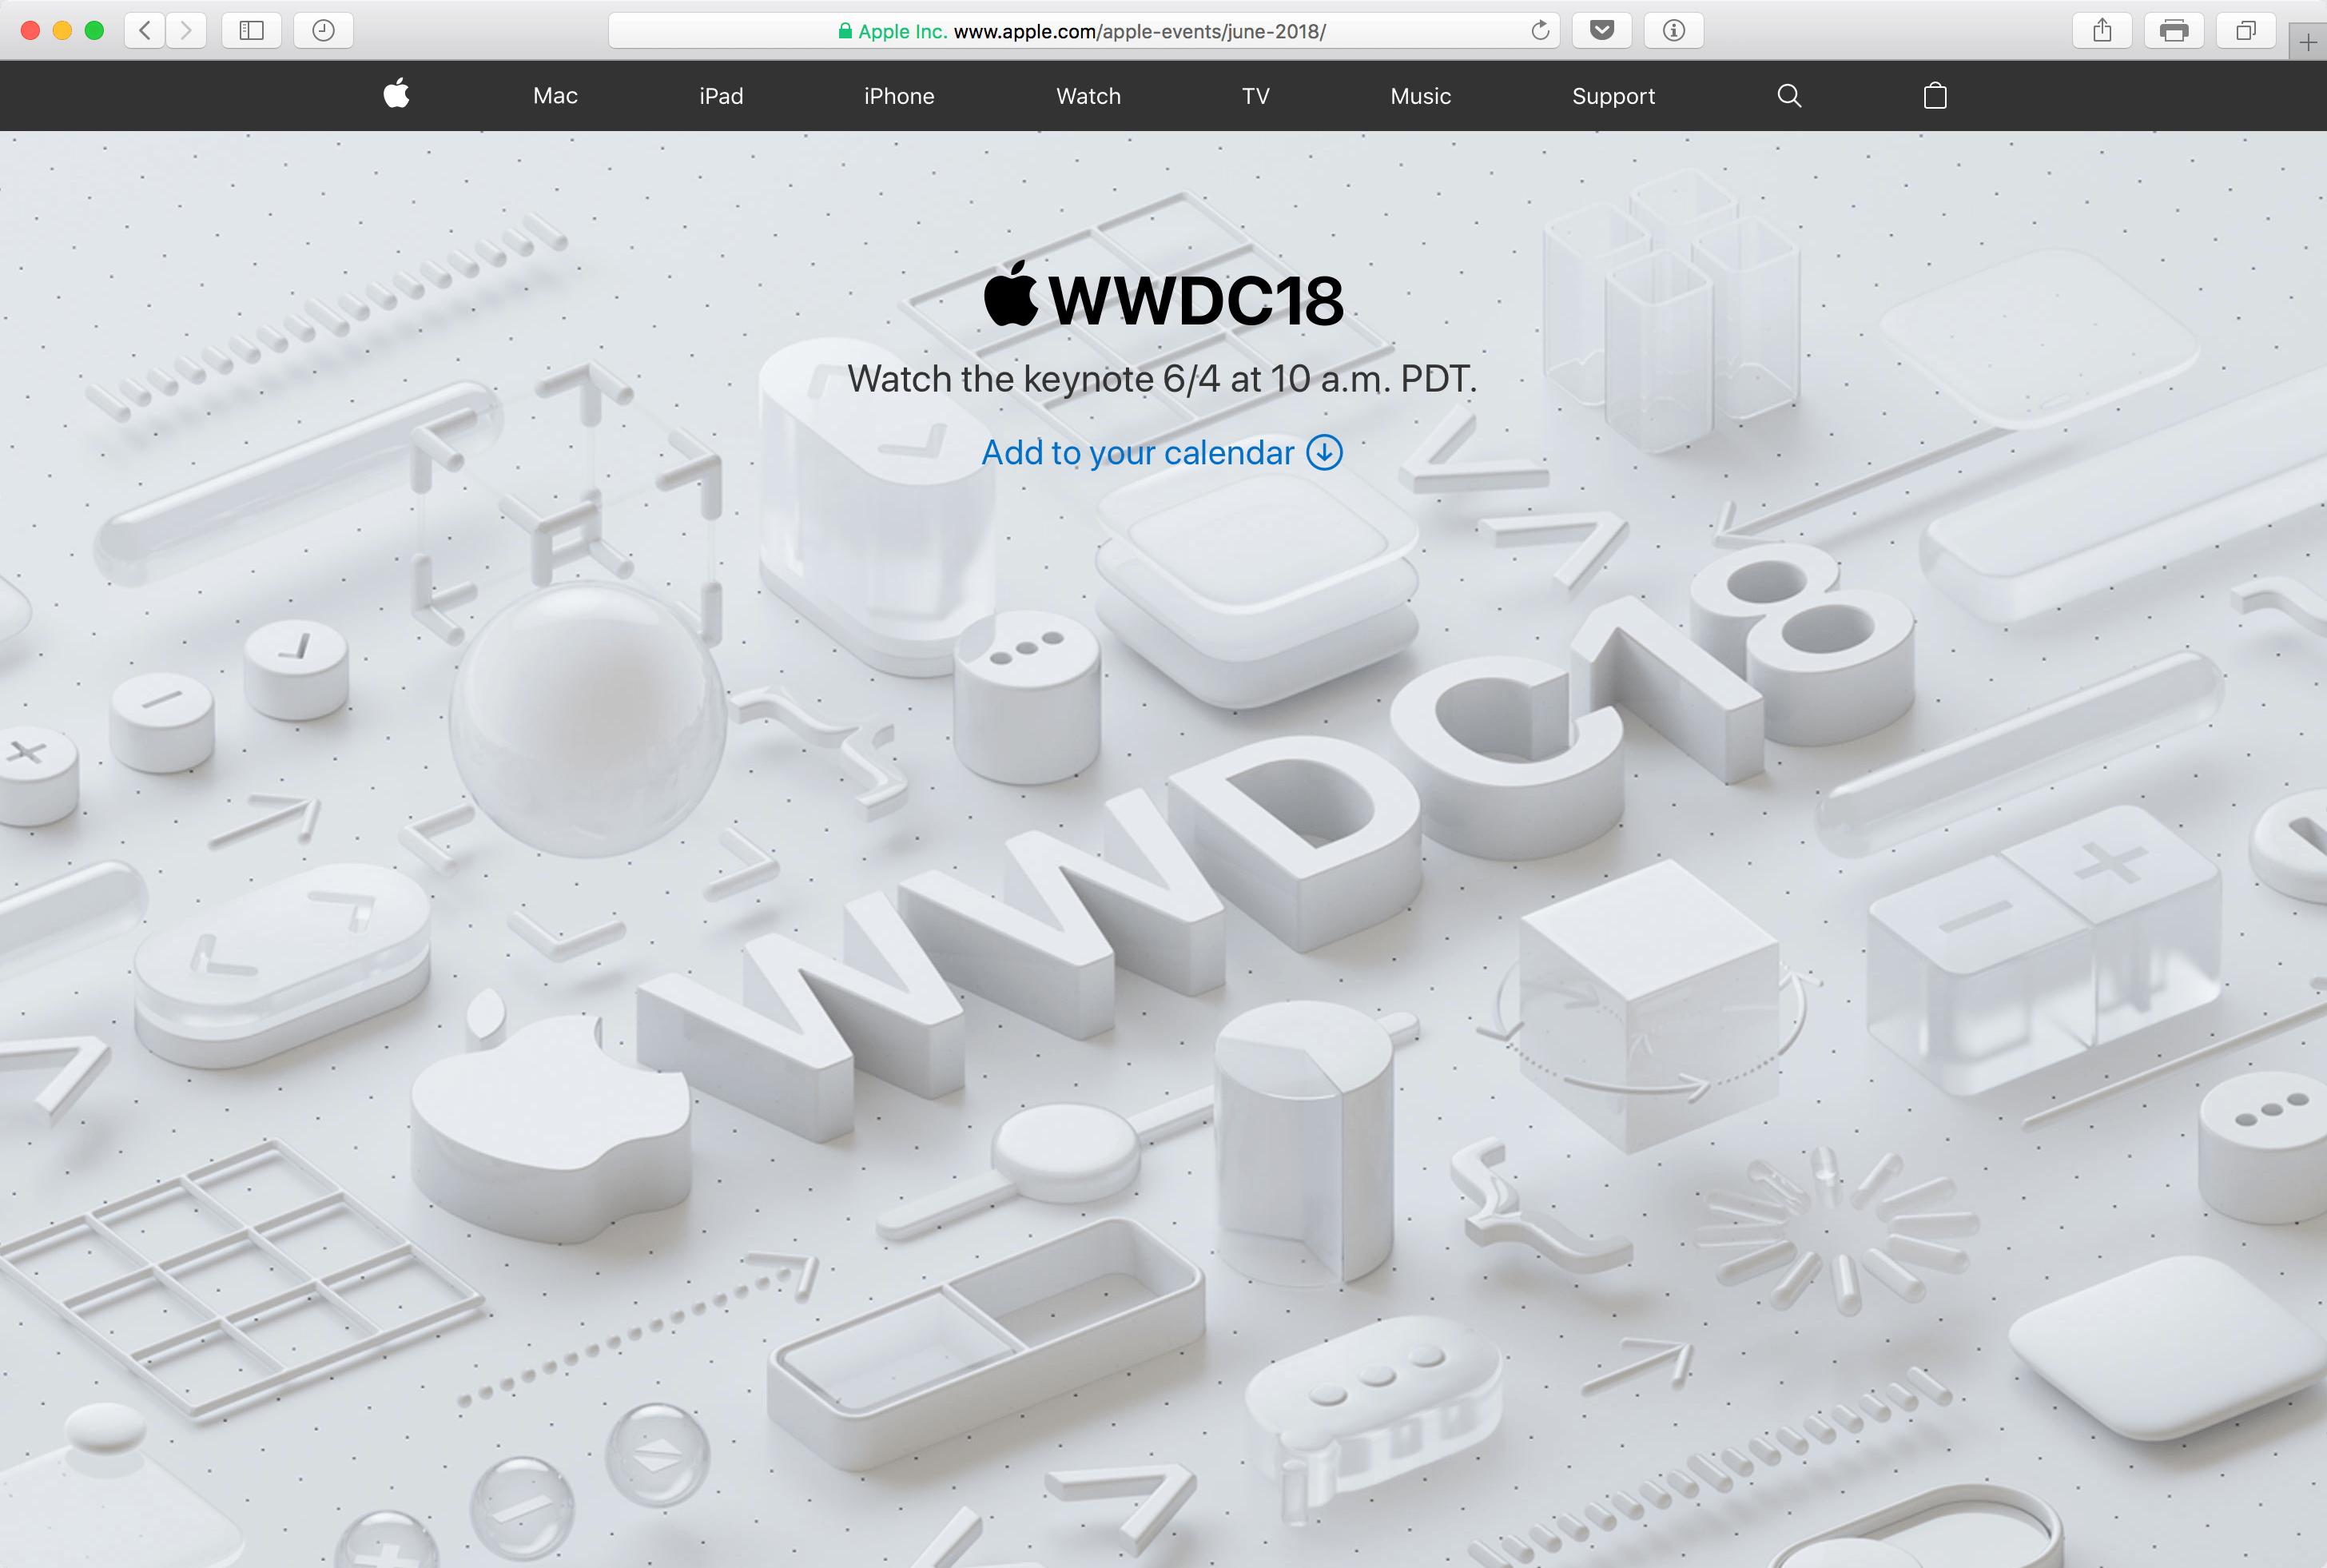 البث المباشر من Apple إلى WWDC18